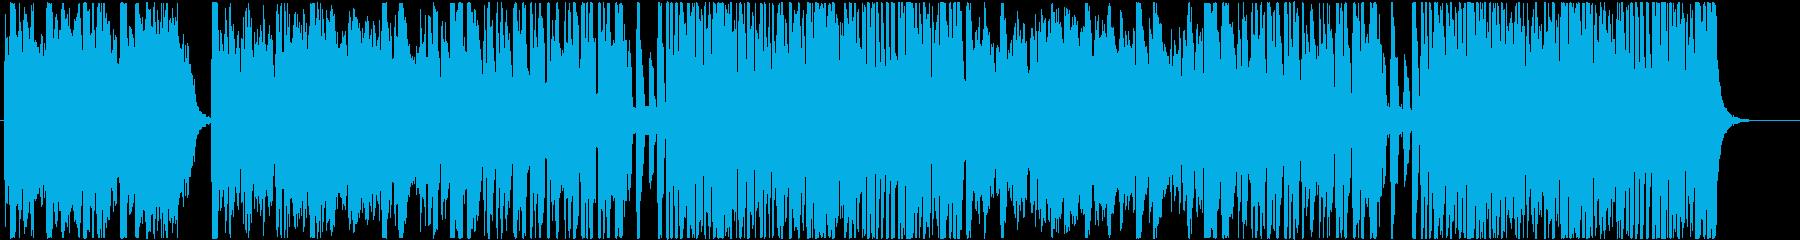 ファンタジー系OP向けの明るいインストの再生済みの波形